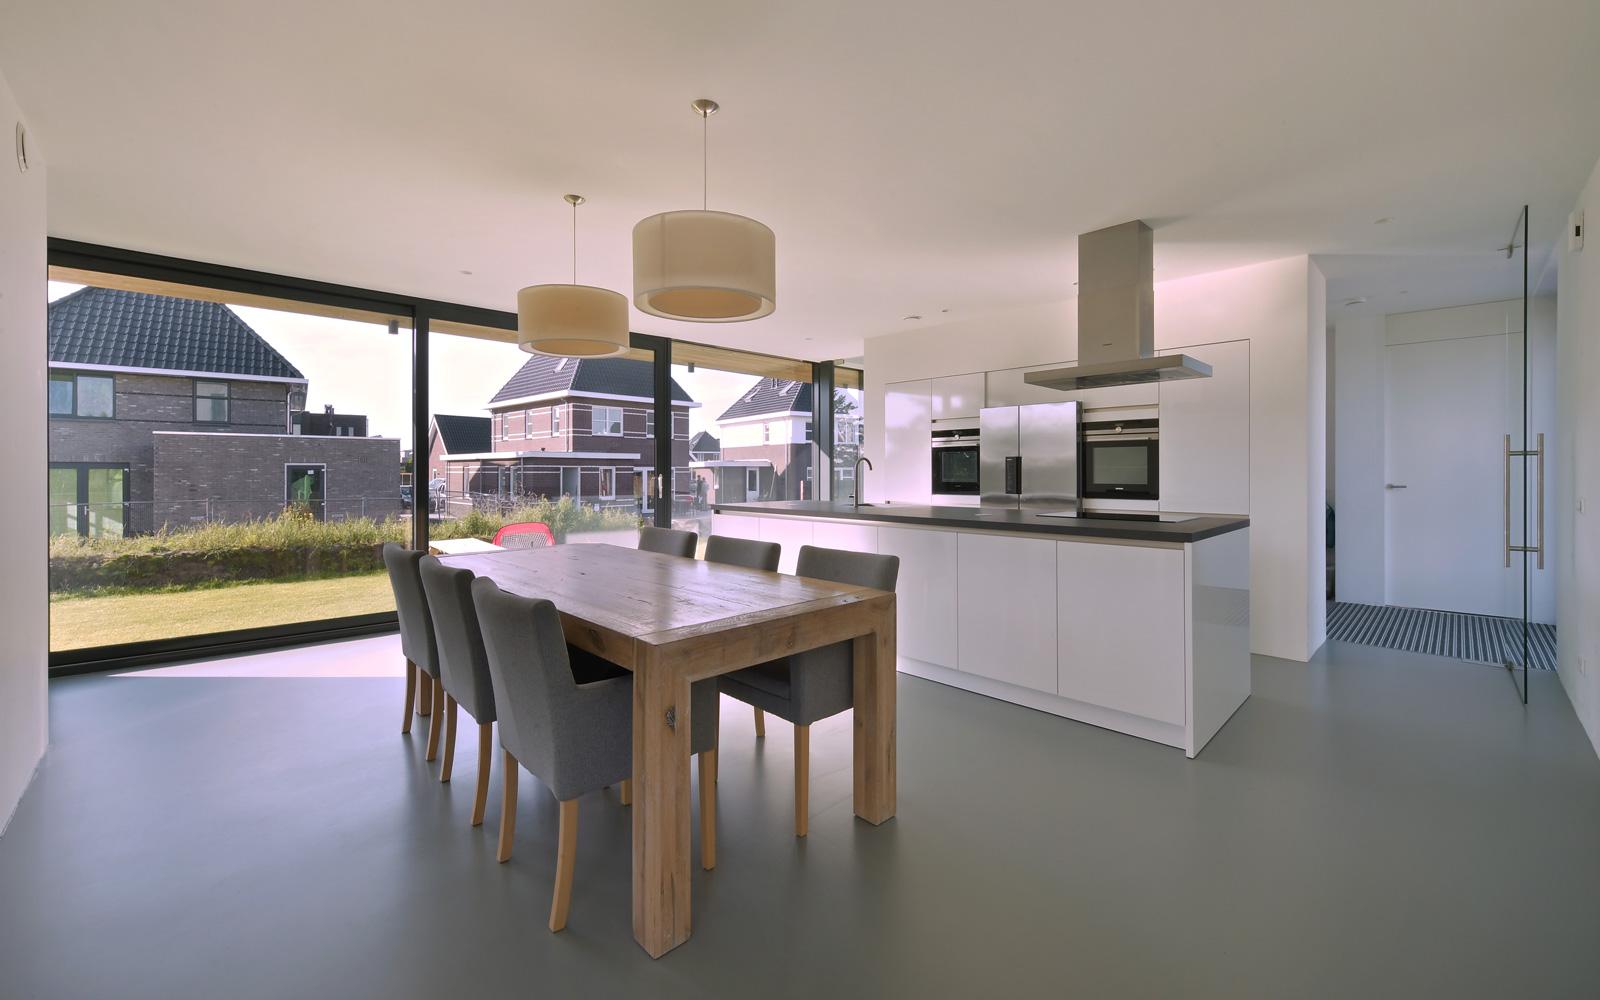 Nieuwenhuis Keukens is verantwoordelijk voor de moderne witte keuken.